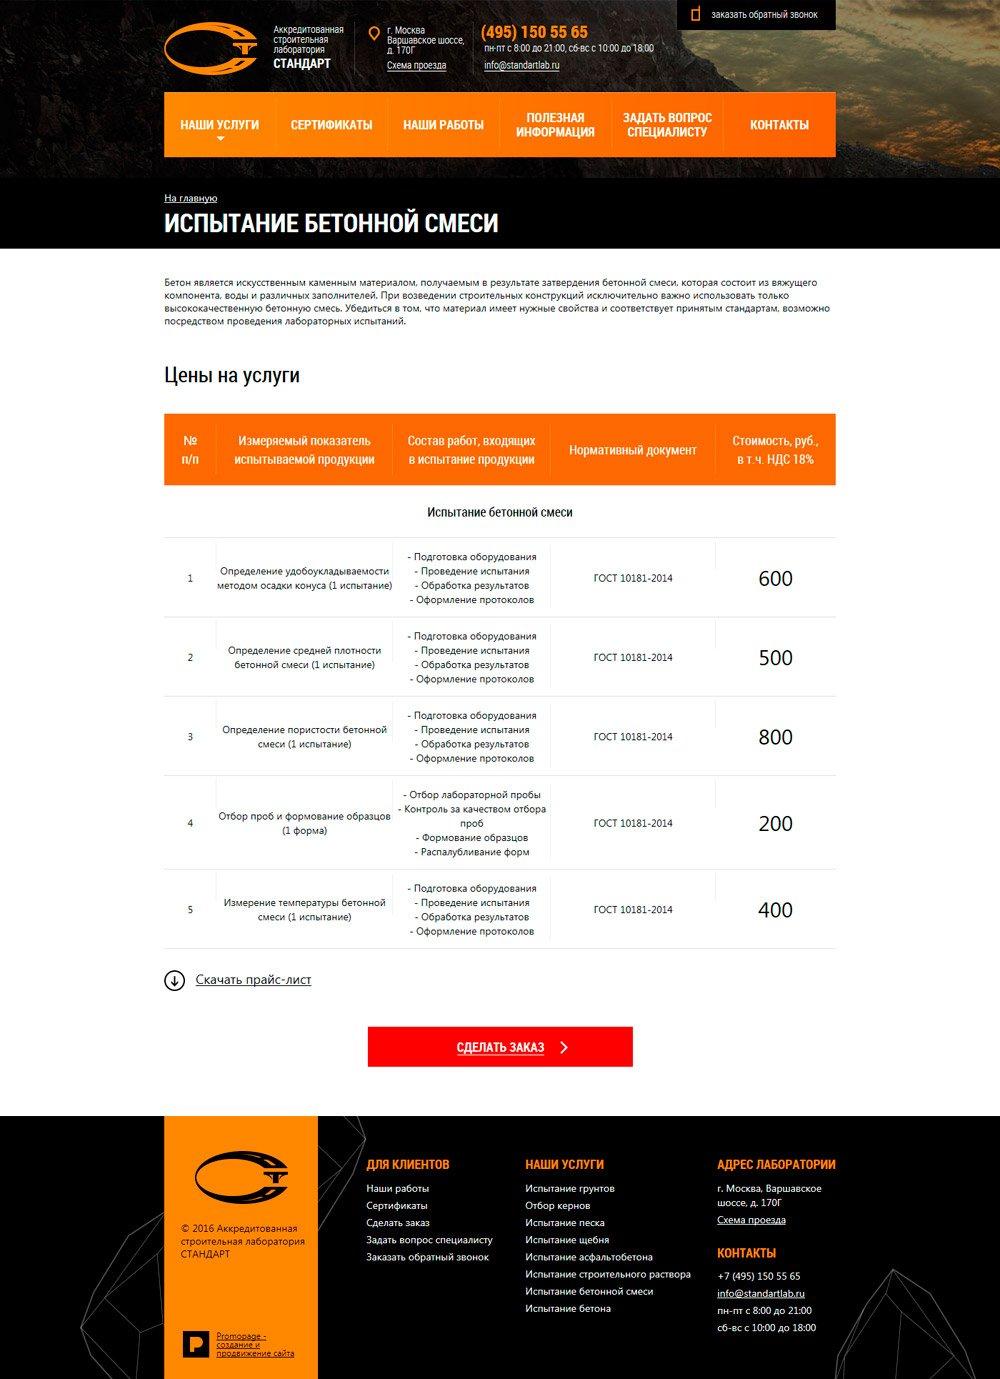 Страница с описанием услуги на сайте аккредитованной строительной лаборатории СТАНДАРТ